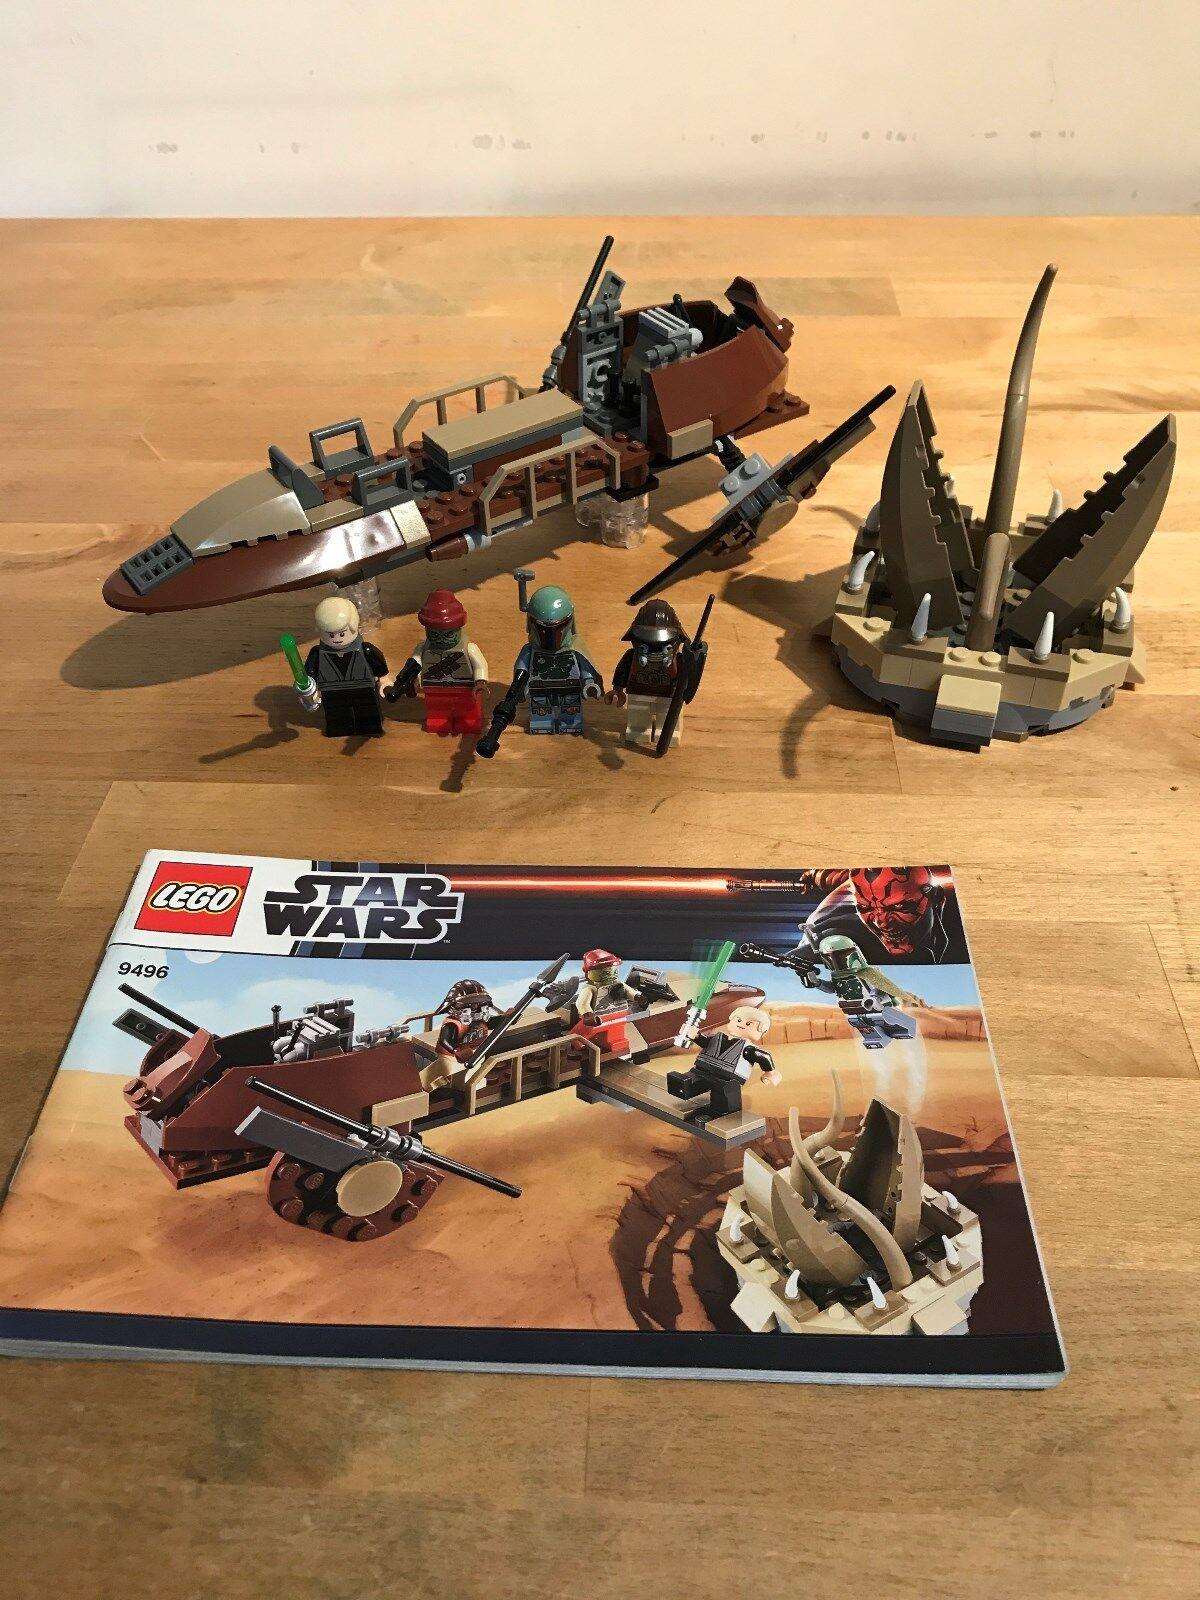 Lego Star Wars 9496 Desert Skiff (boxed)